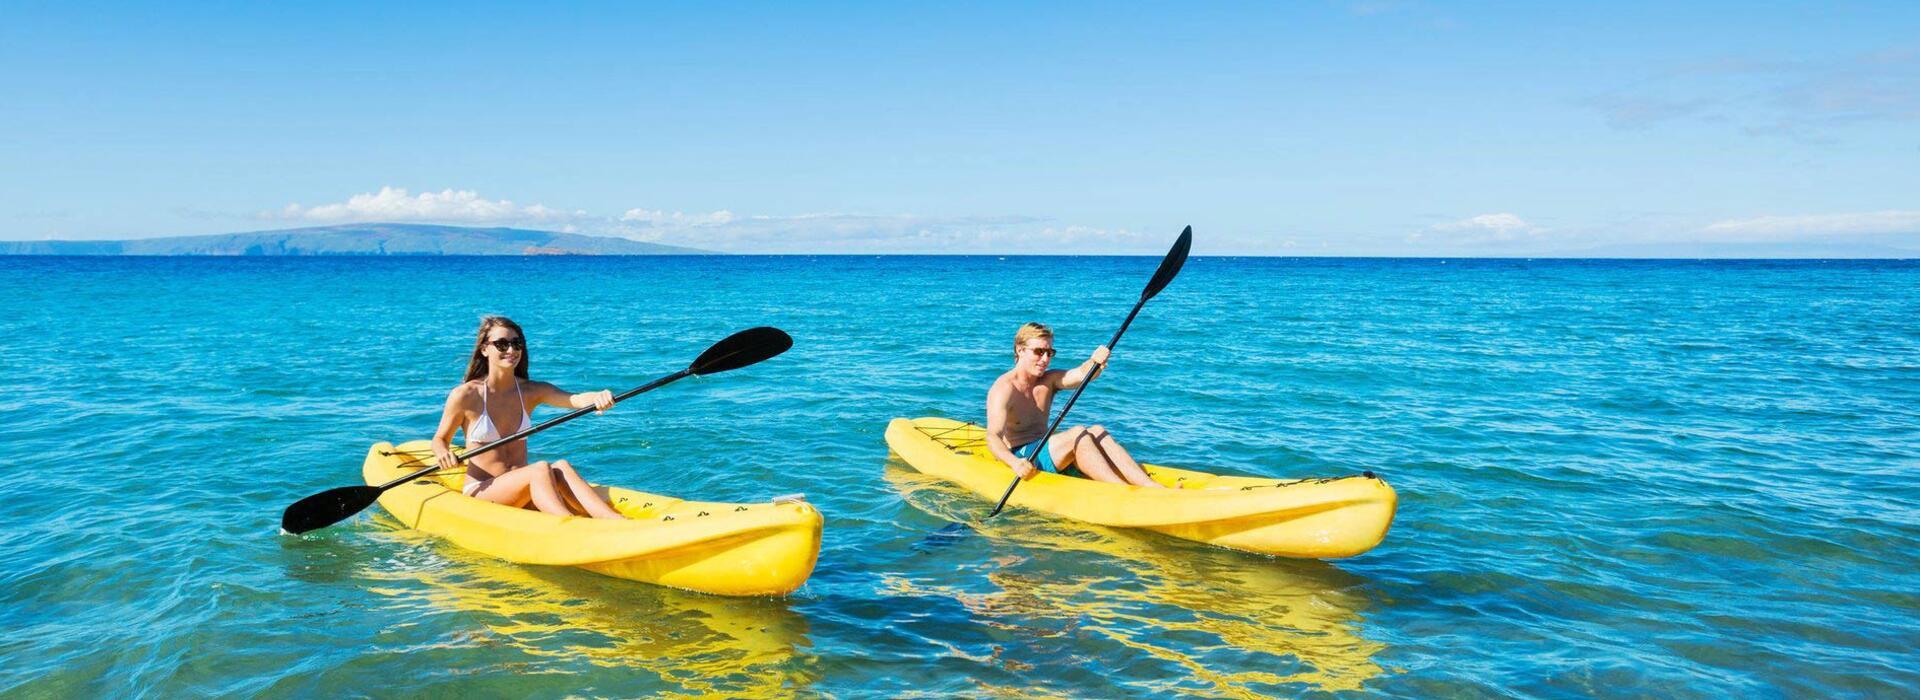 hotelvictoria fr kayak 015